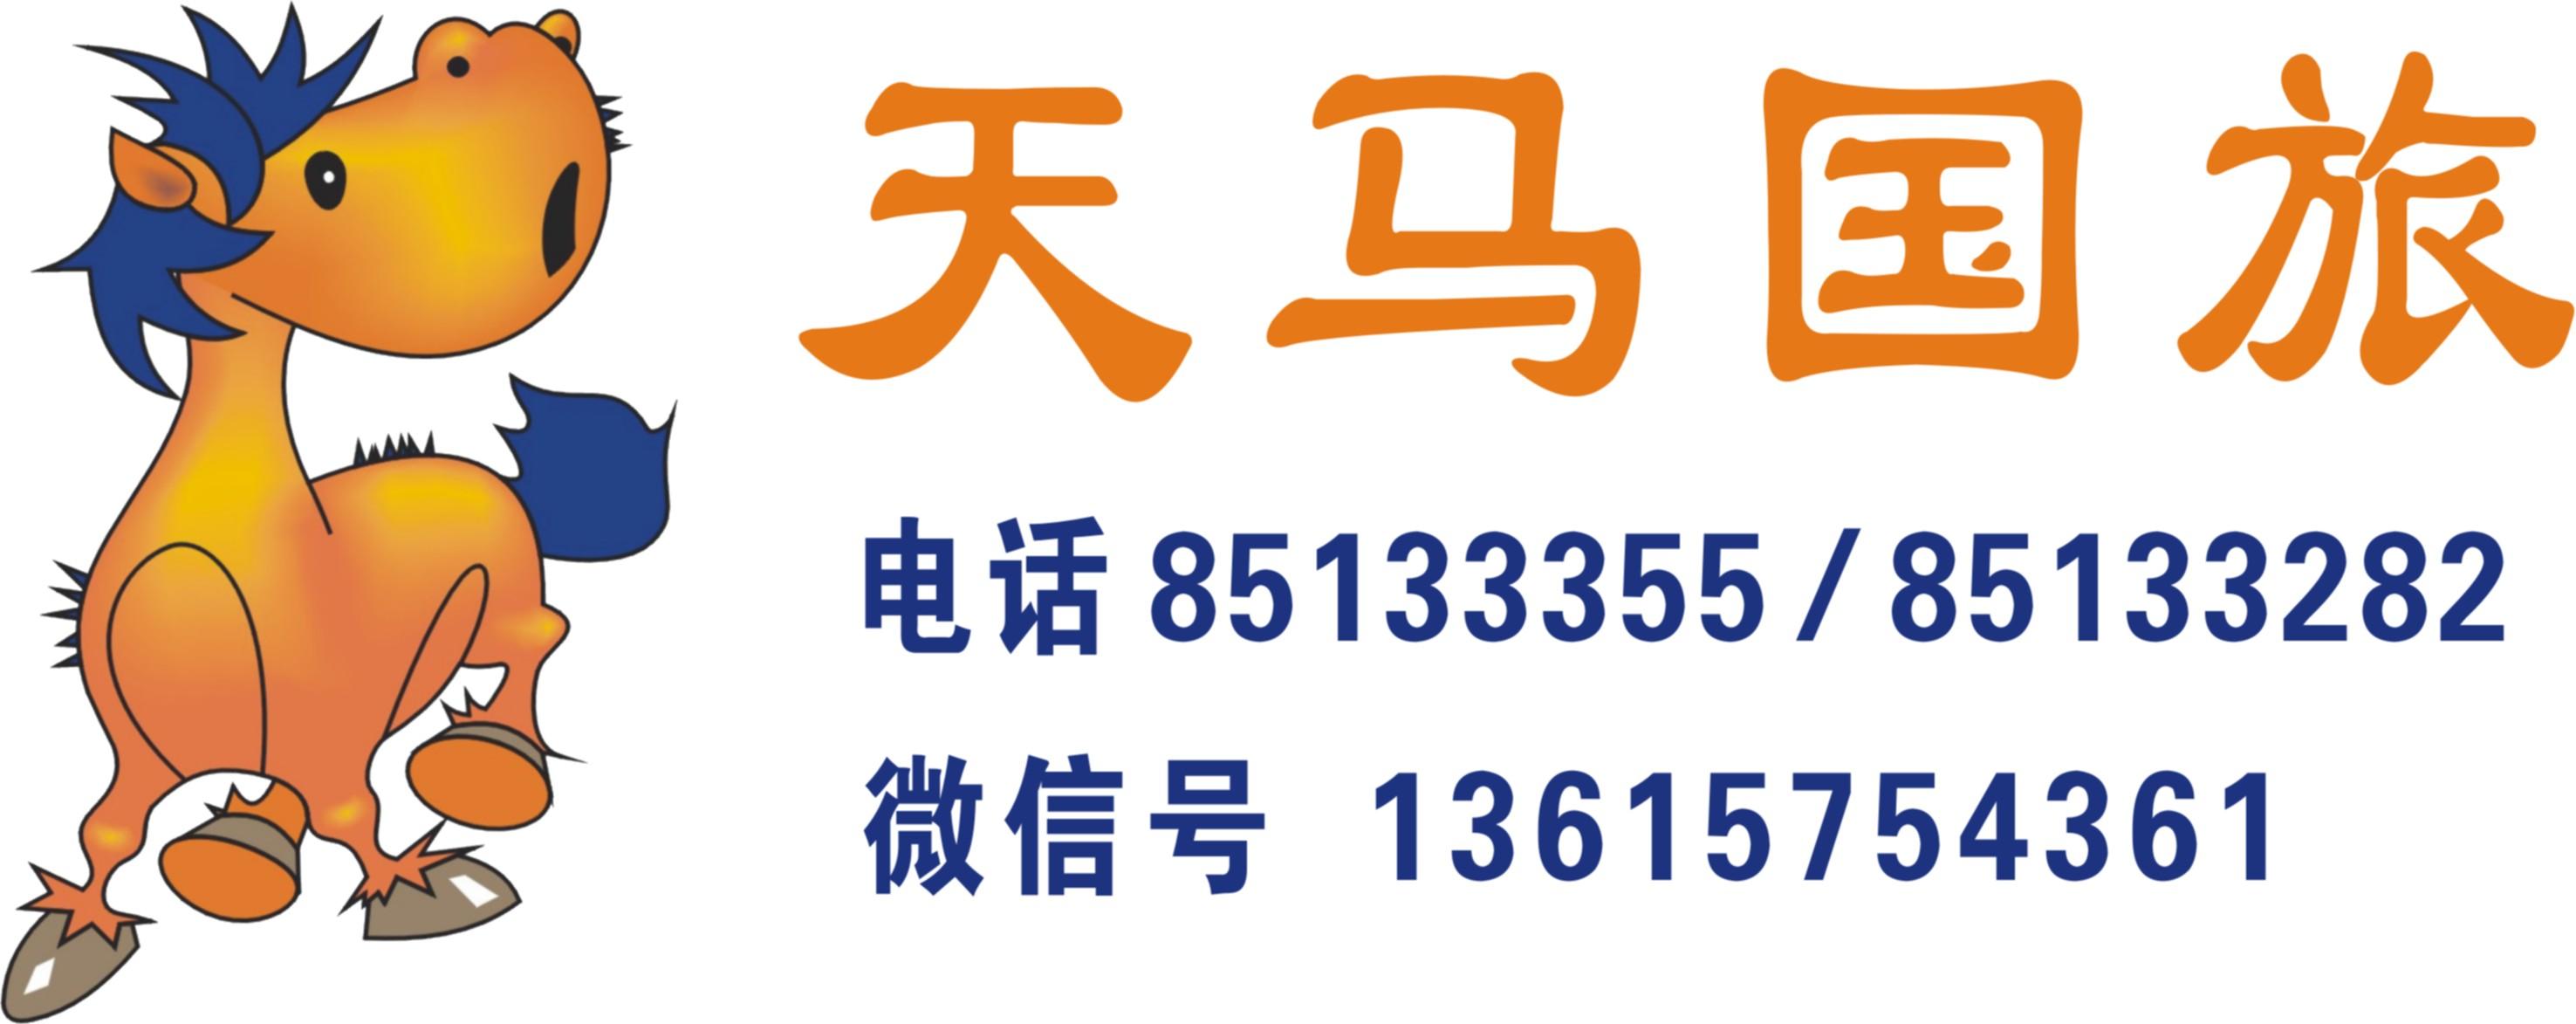 6月【探秘香巴拉 昆明、大理、丽江、香格里拉双飞双动6日】